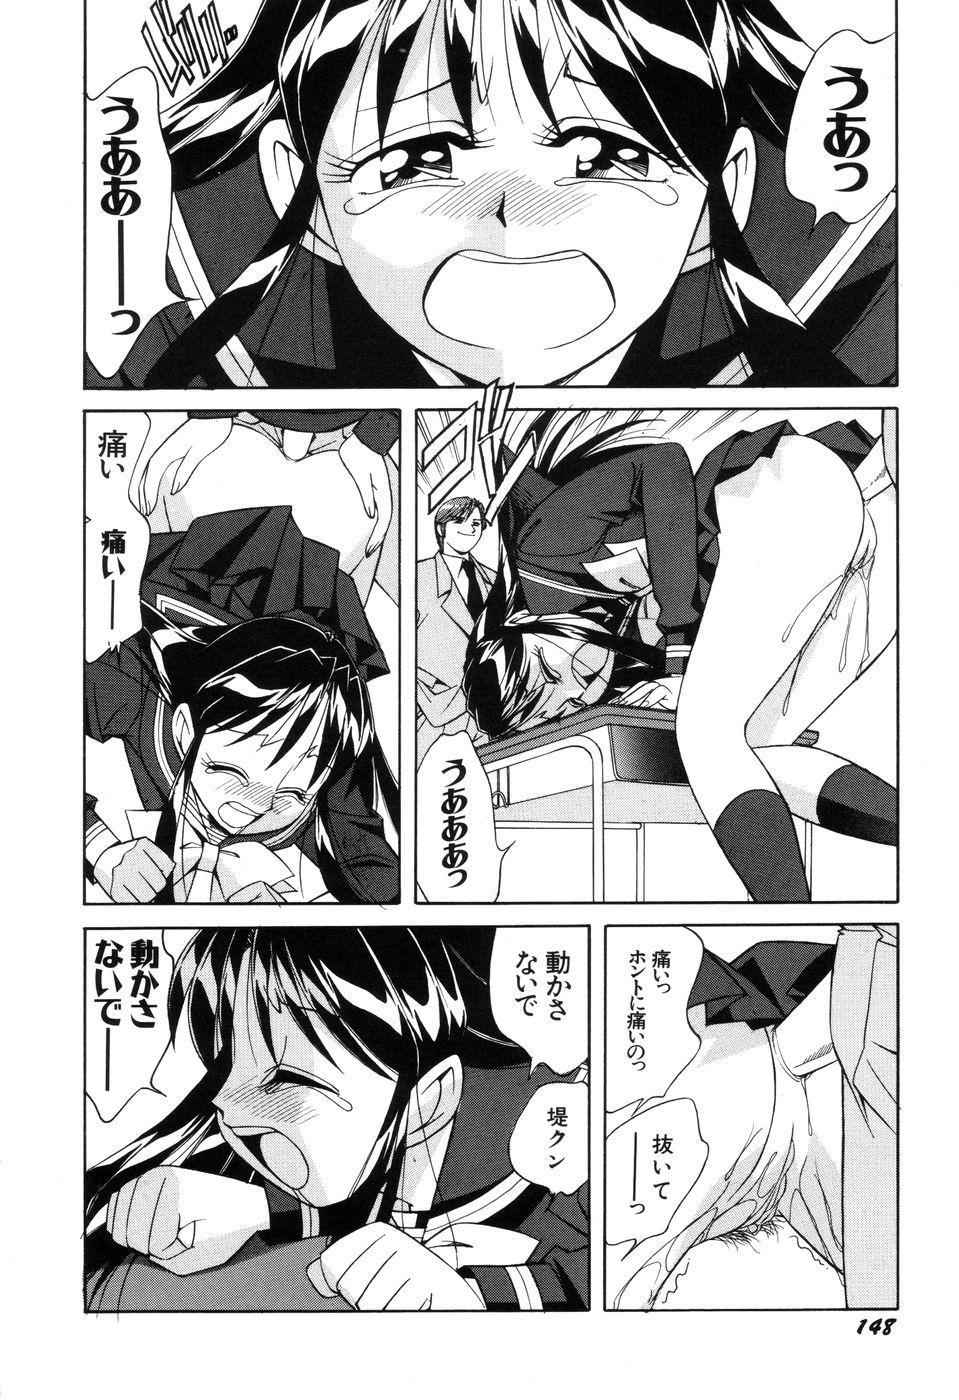 Itazurakko Waruiko 149